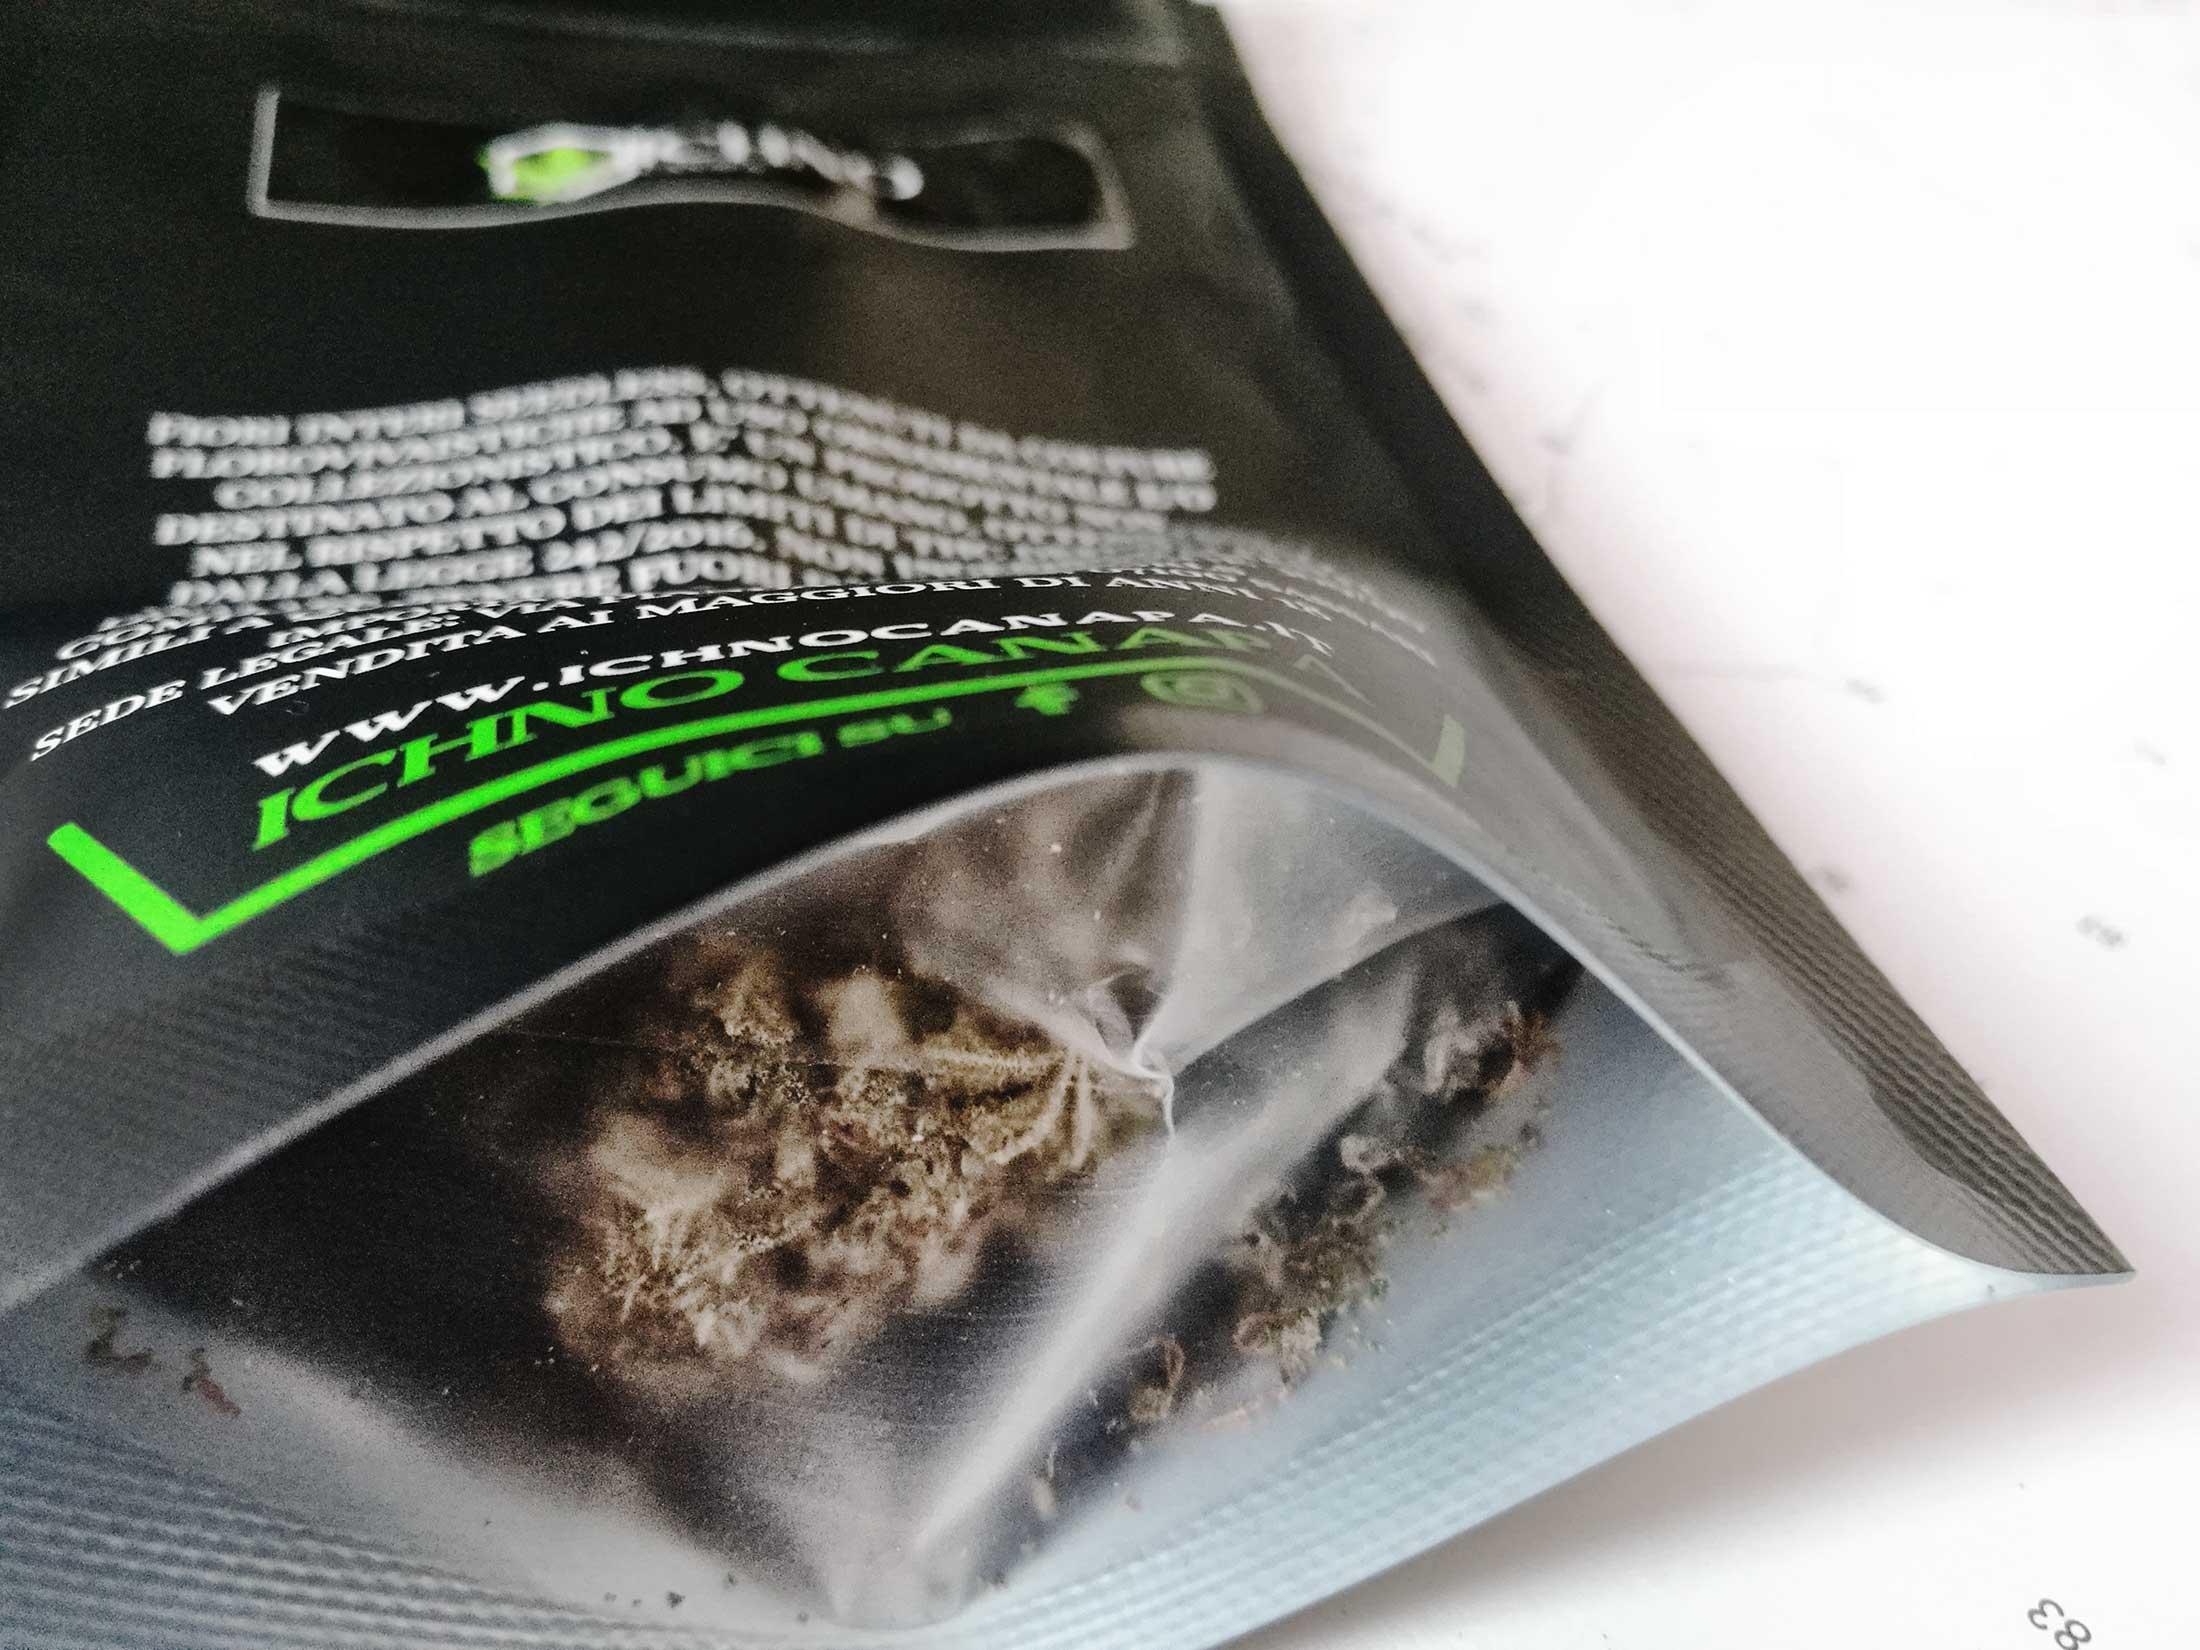 ichno-canapa-erba-legale-light-cannabis-thc-cdb-compra-acquista-negozio-confezione-shop-2200x1650